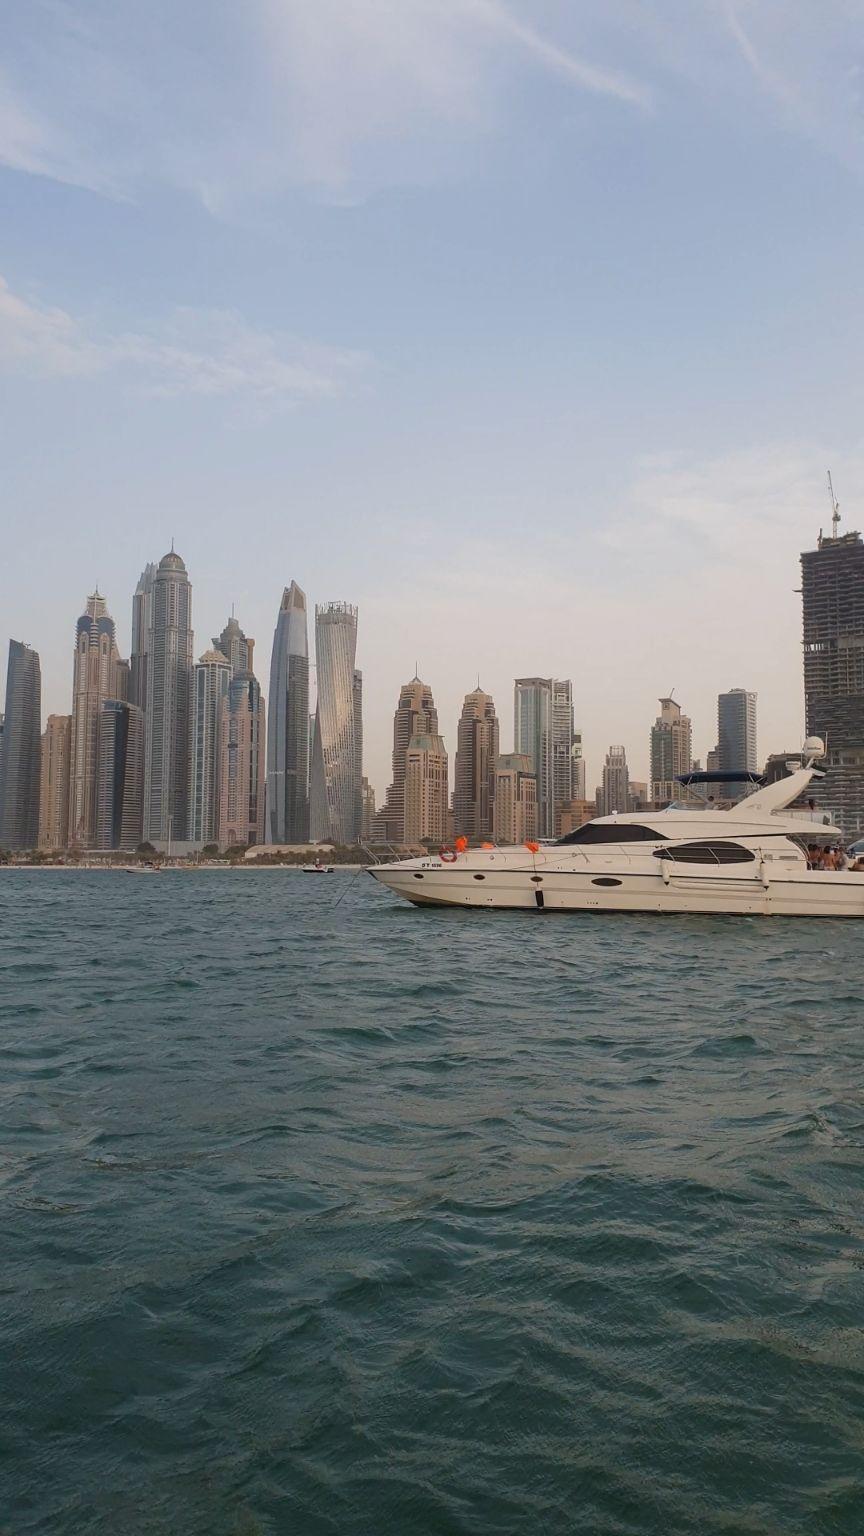 Photo of Dubai Marina - Dubai - United Arab Emirates By Hari Chandu Vakacharla